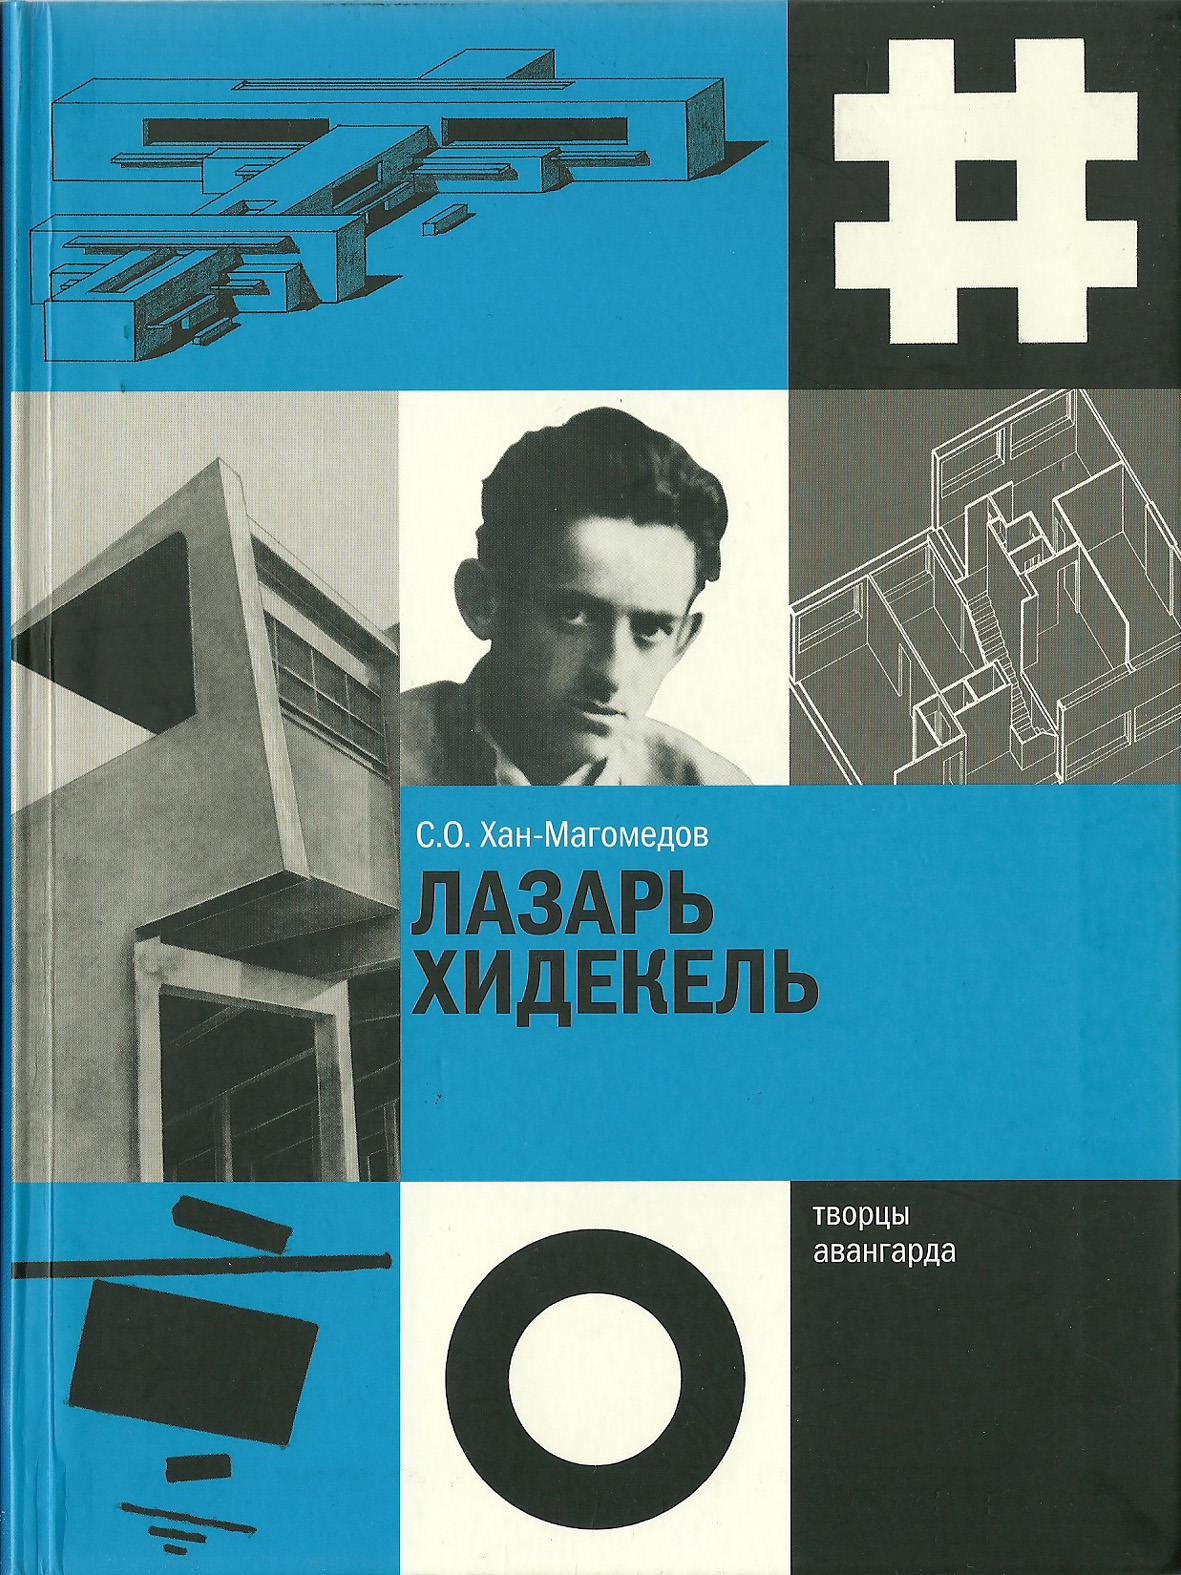 """Хан-Магомедов. Книга """"Лазарь Хидекель"""""""